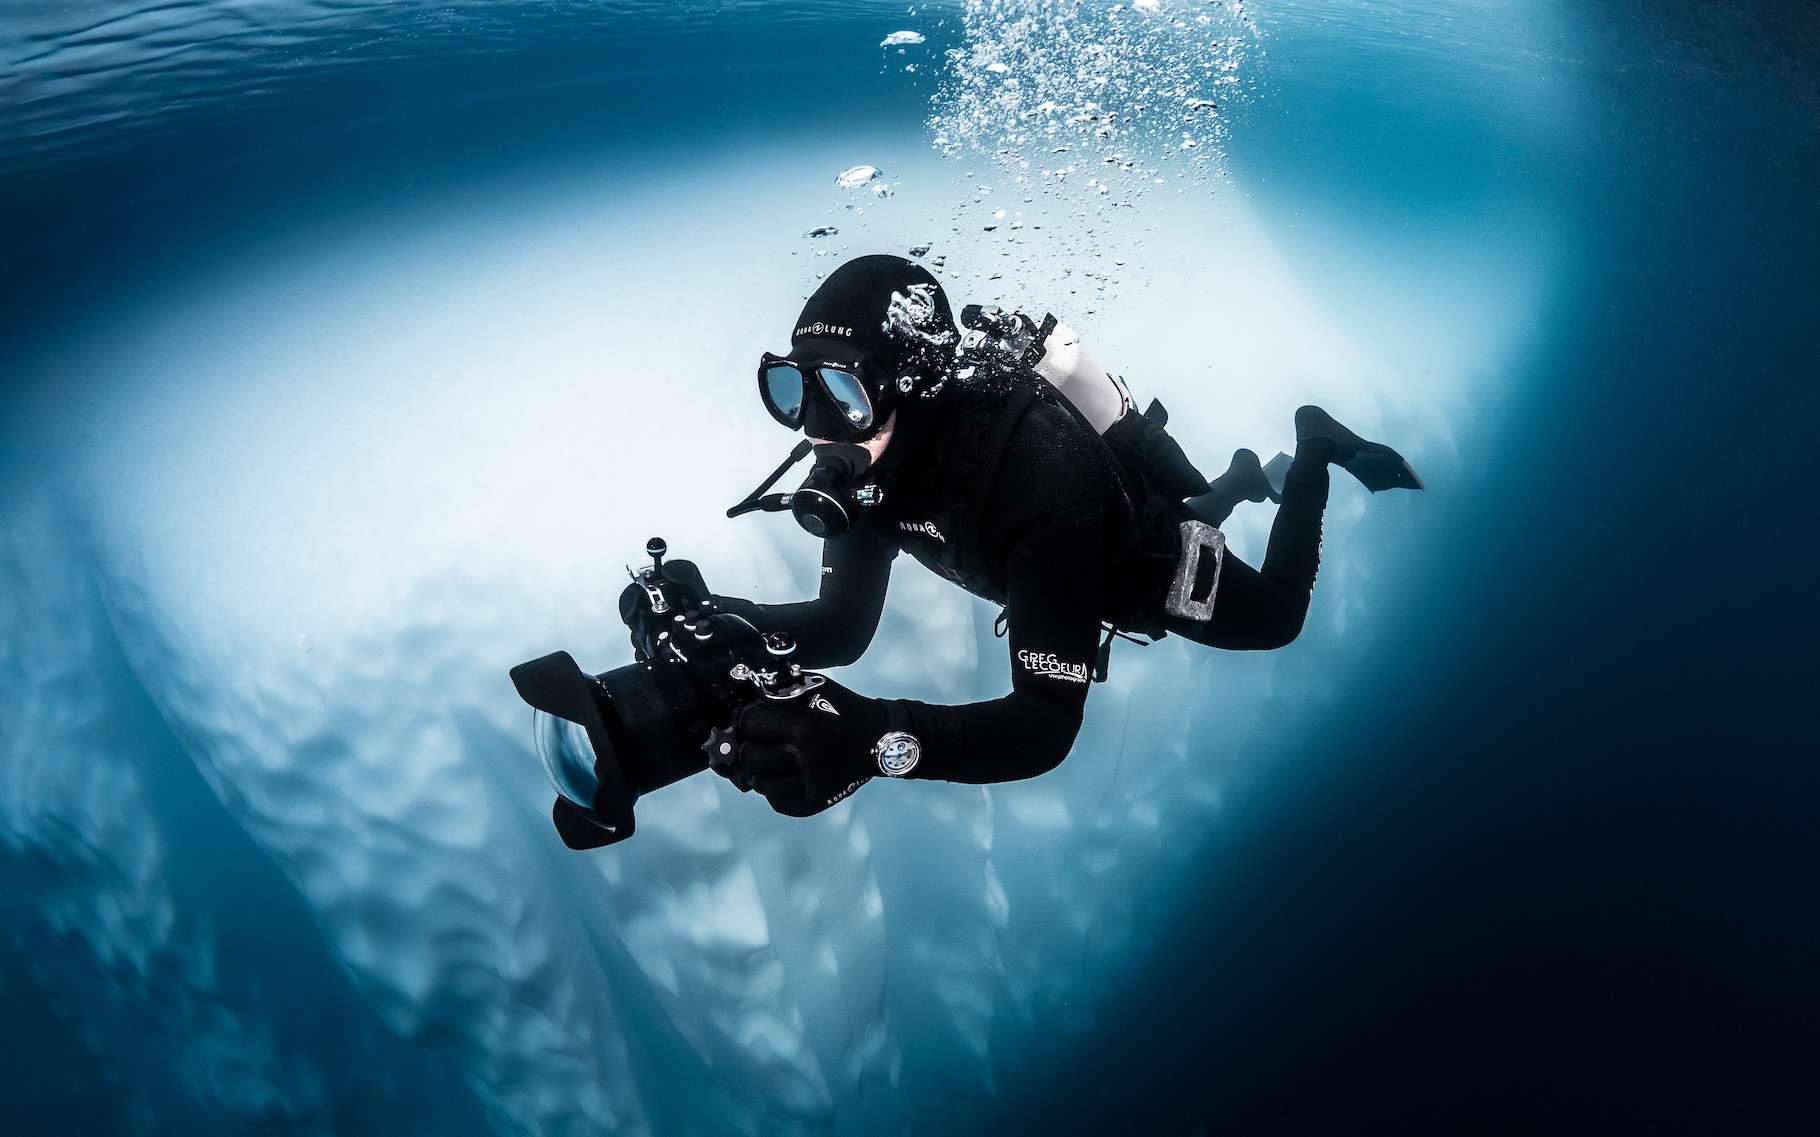 Le photographe Greg Lecoeur a plongé dans les eaux glacées de l'Antarctique pour nous offrir des images rares de cet écosystème hostile et fragile. © Greg Lecoeur, Tous droits réservés